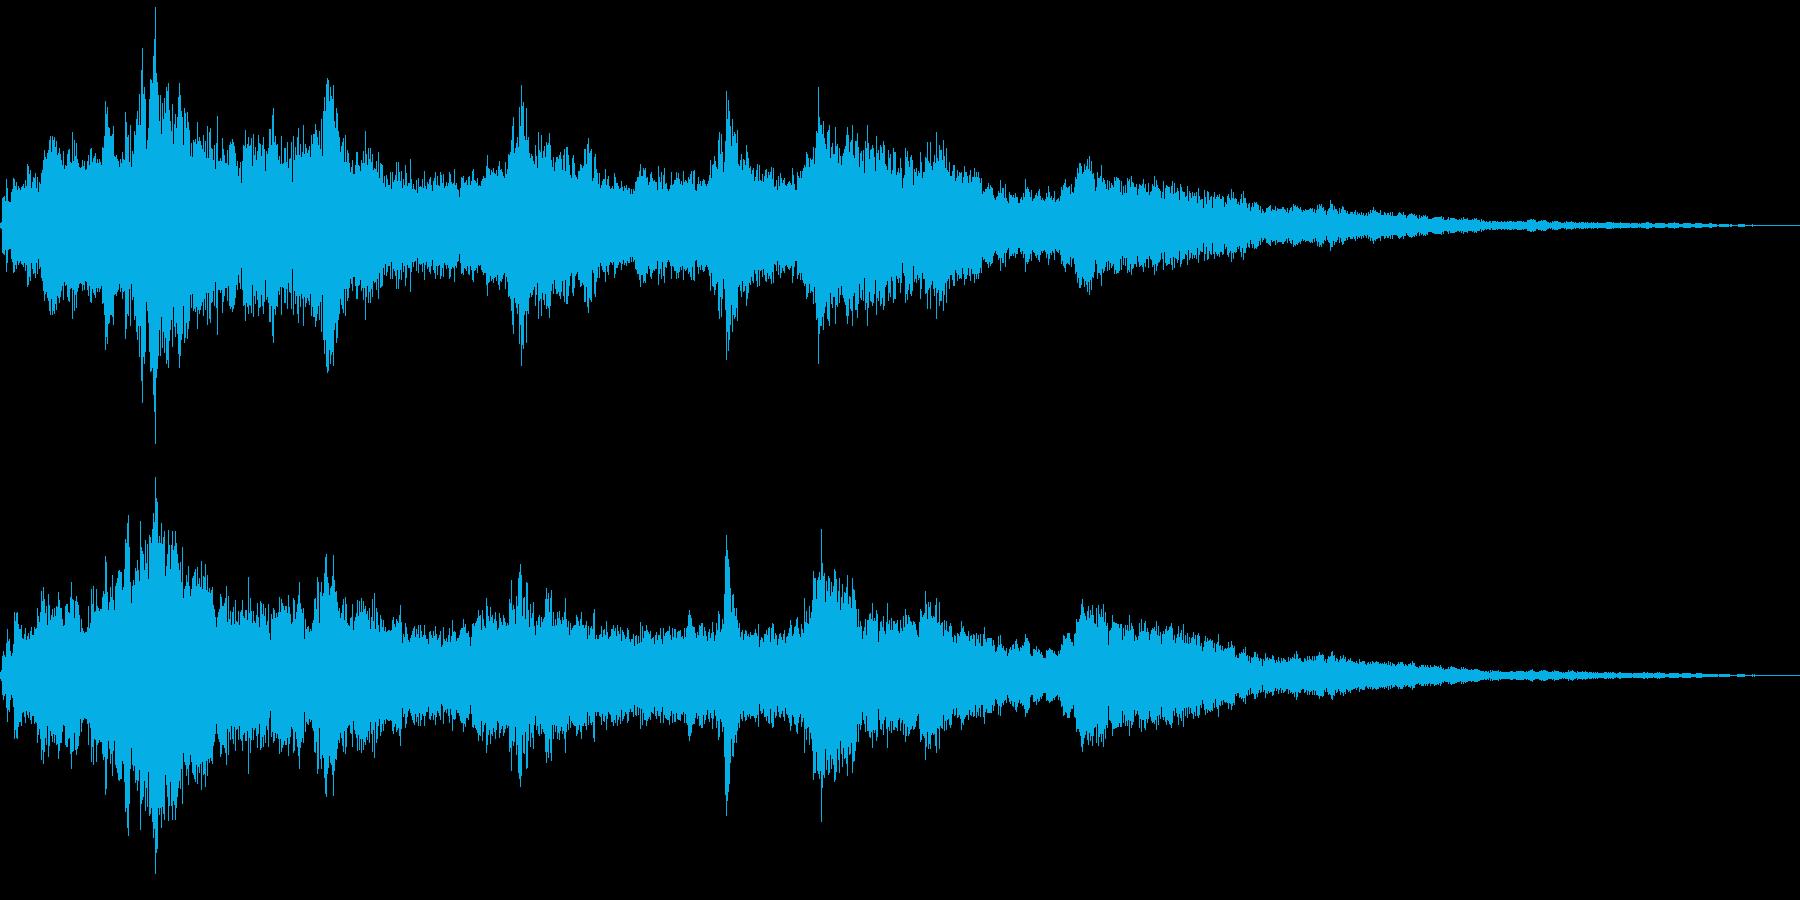 きらきらとしたウィンドチャイムの音の再生済みの波形